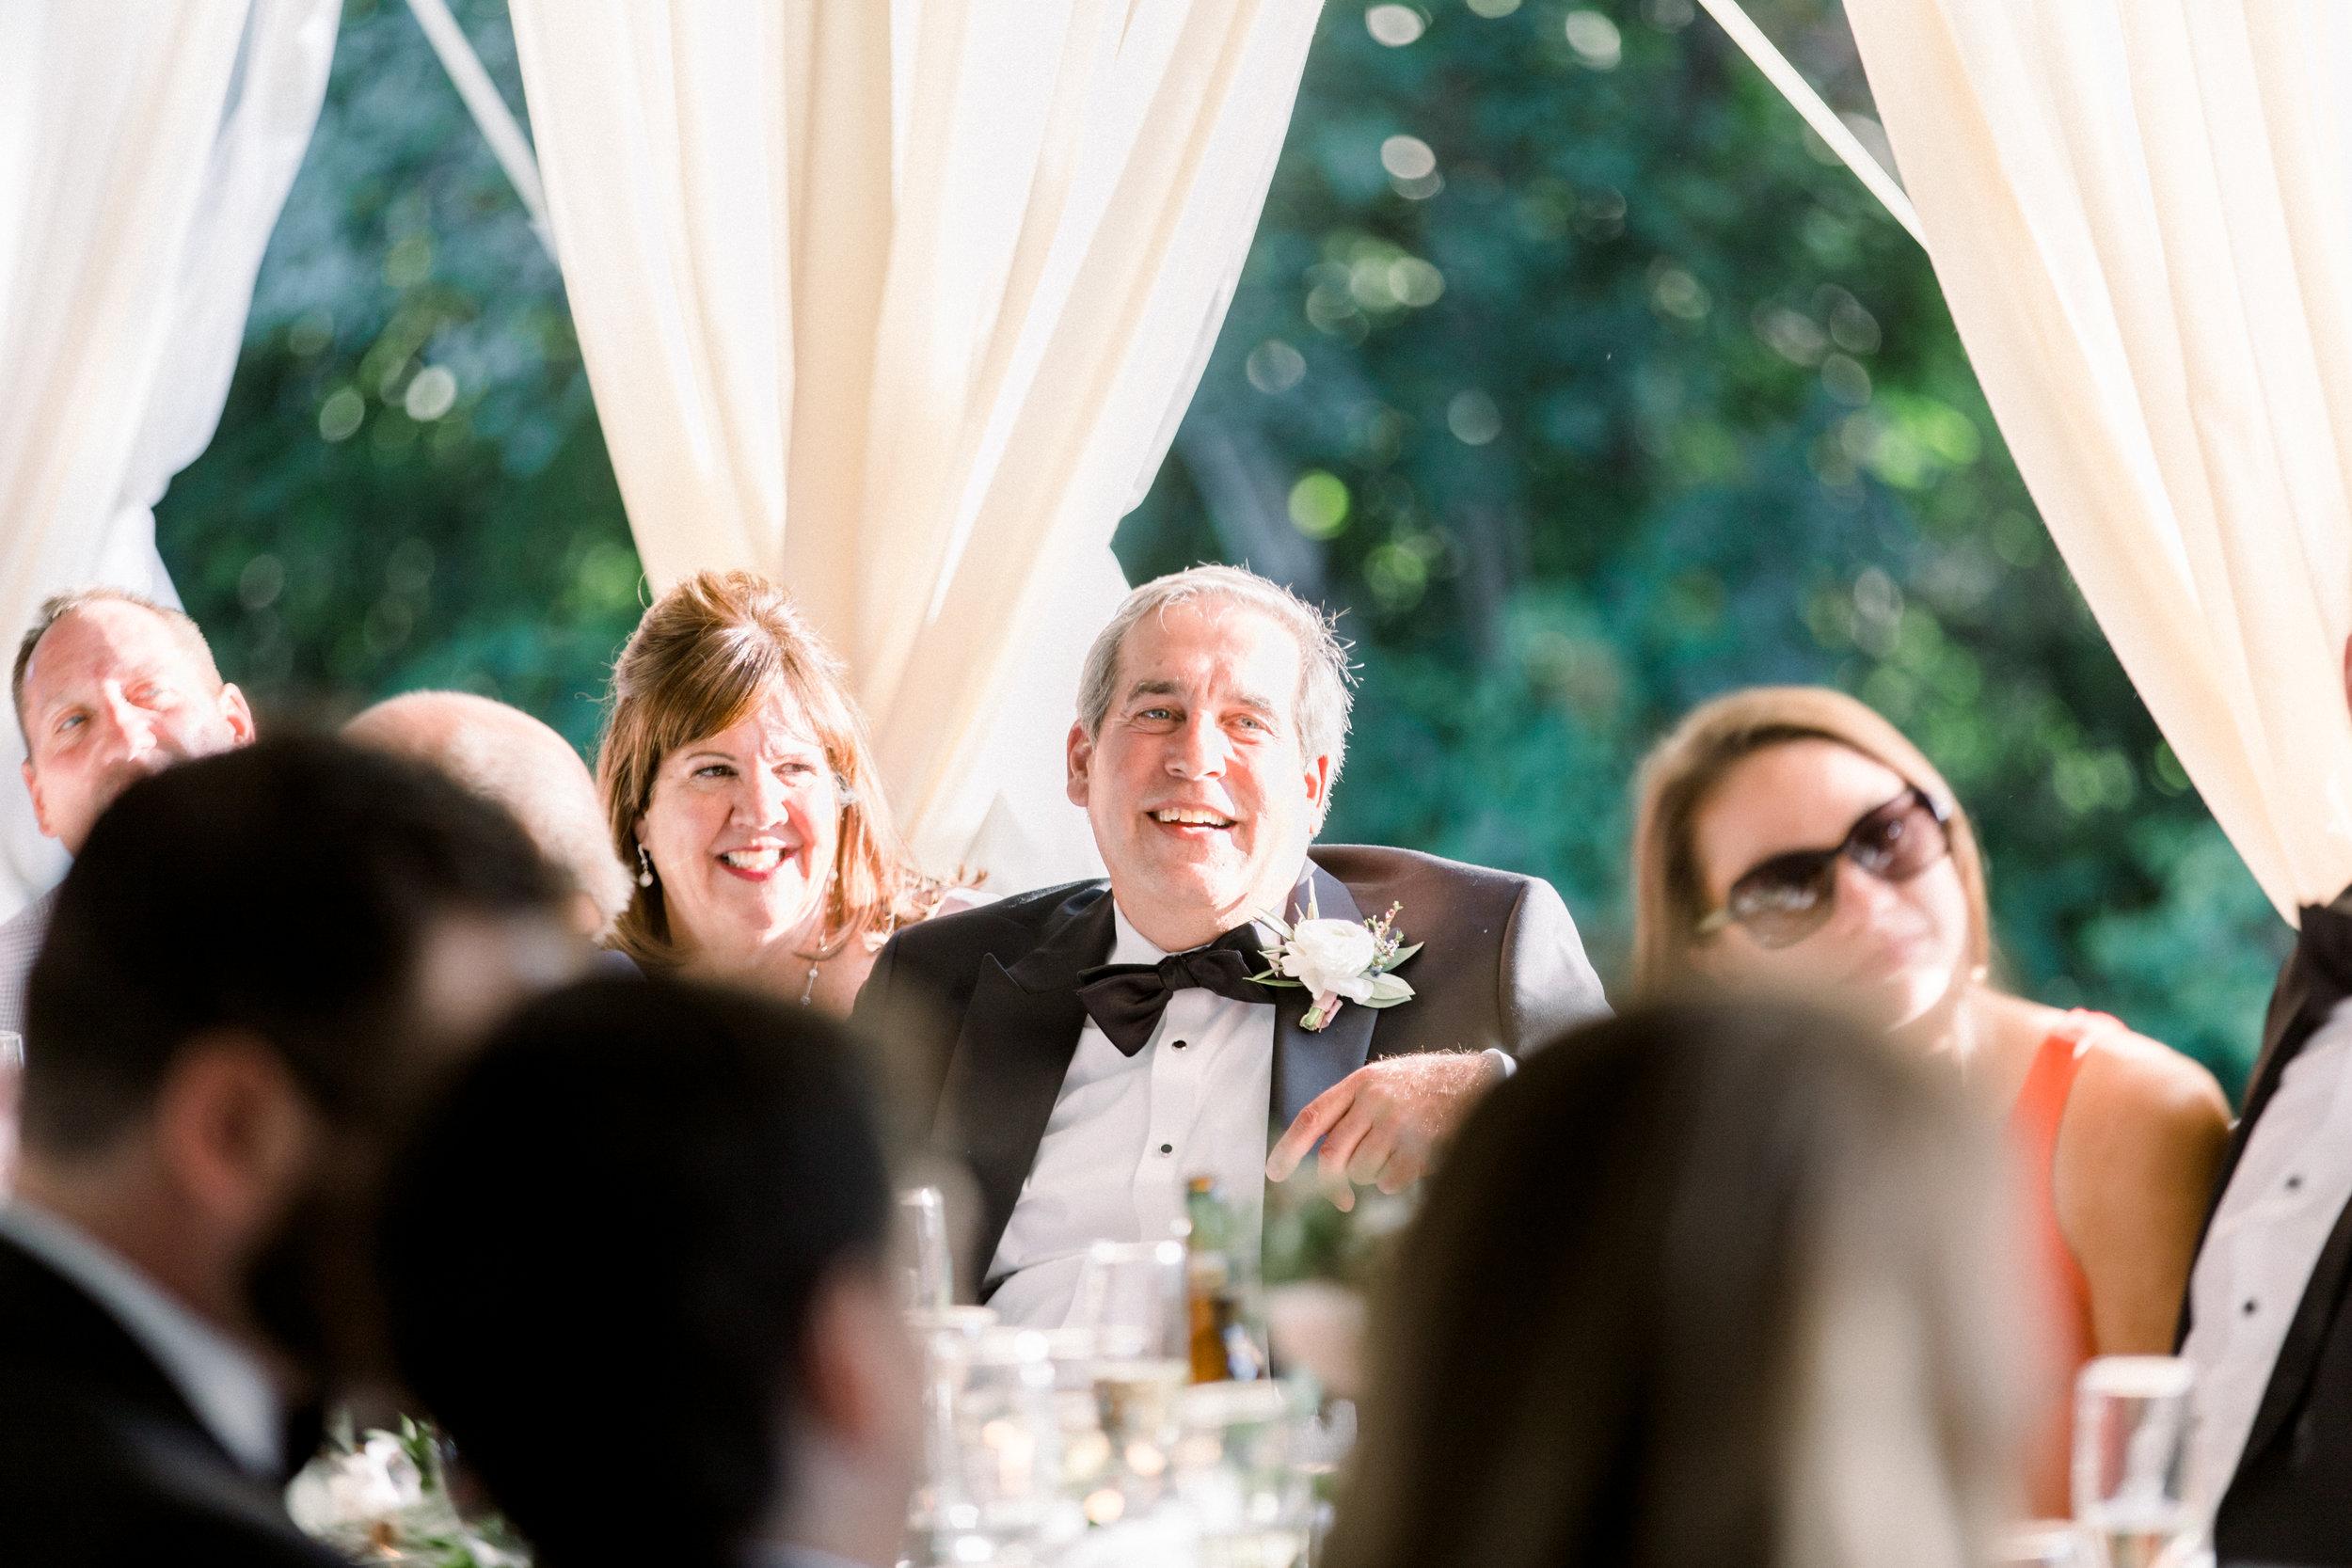 Steinlage+Wedding+Reception-292.jpg